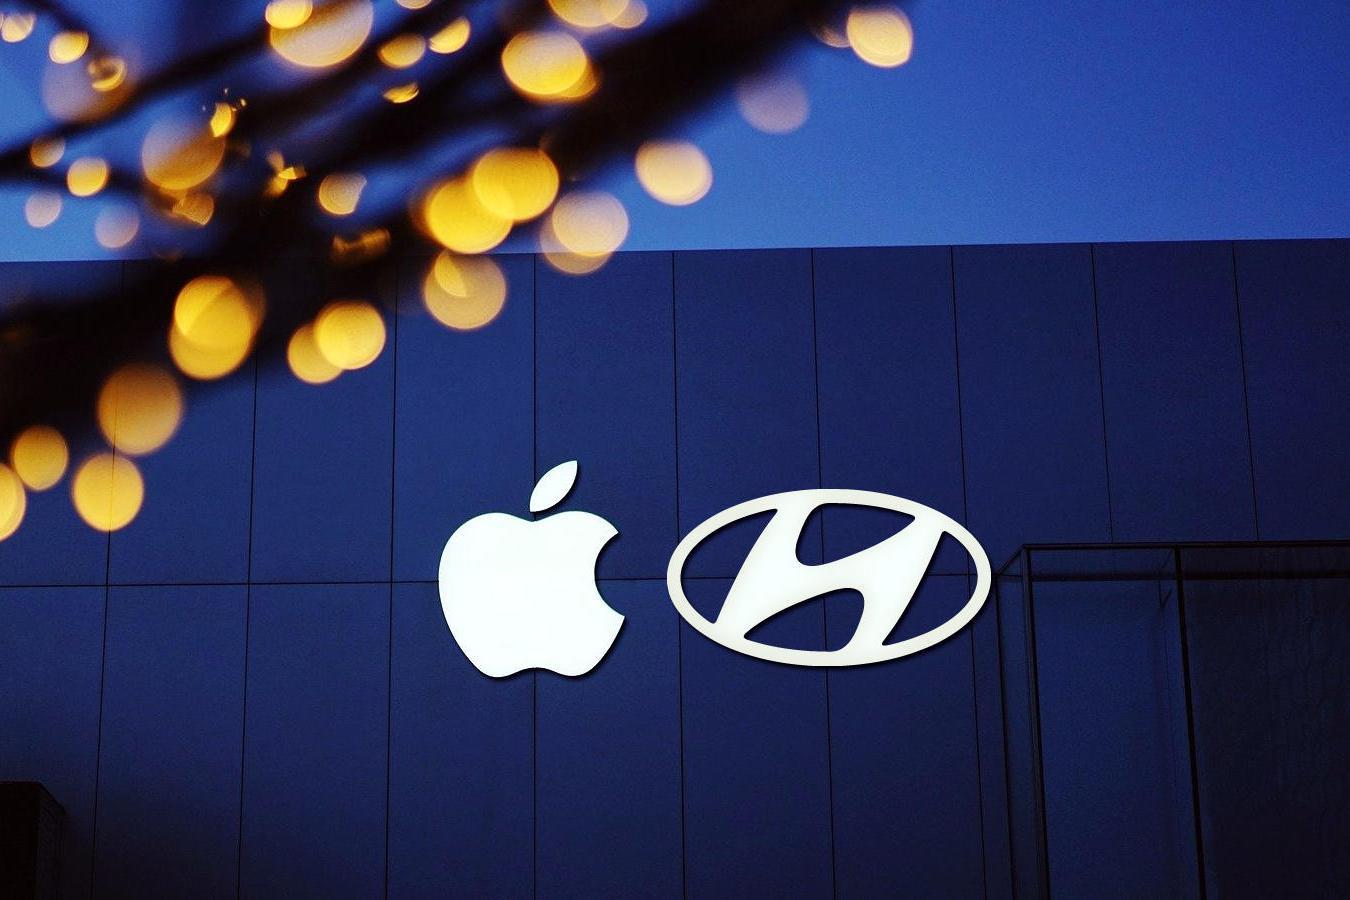 年产可达40万辆,2022年推出测试版车型,苹果或与现代集团合作